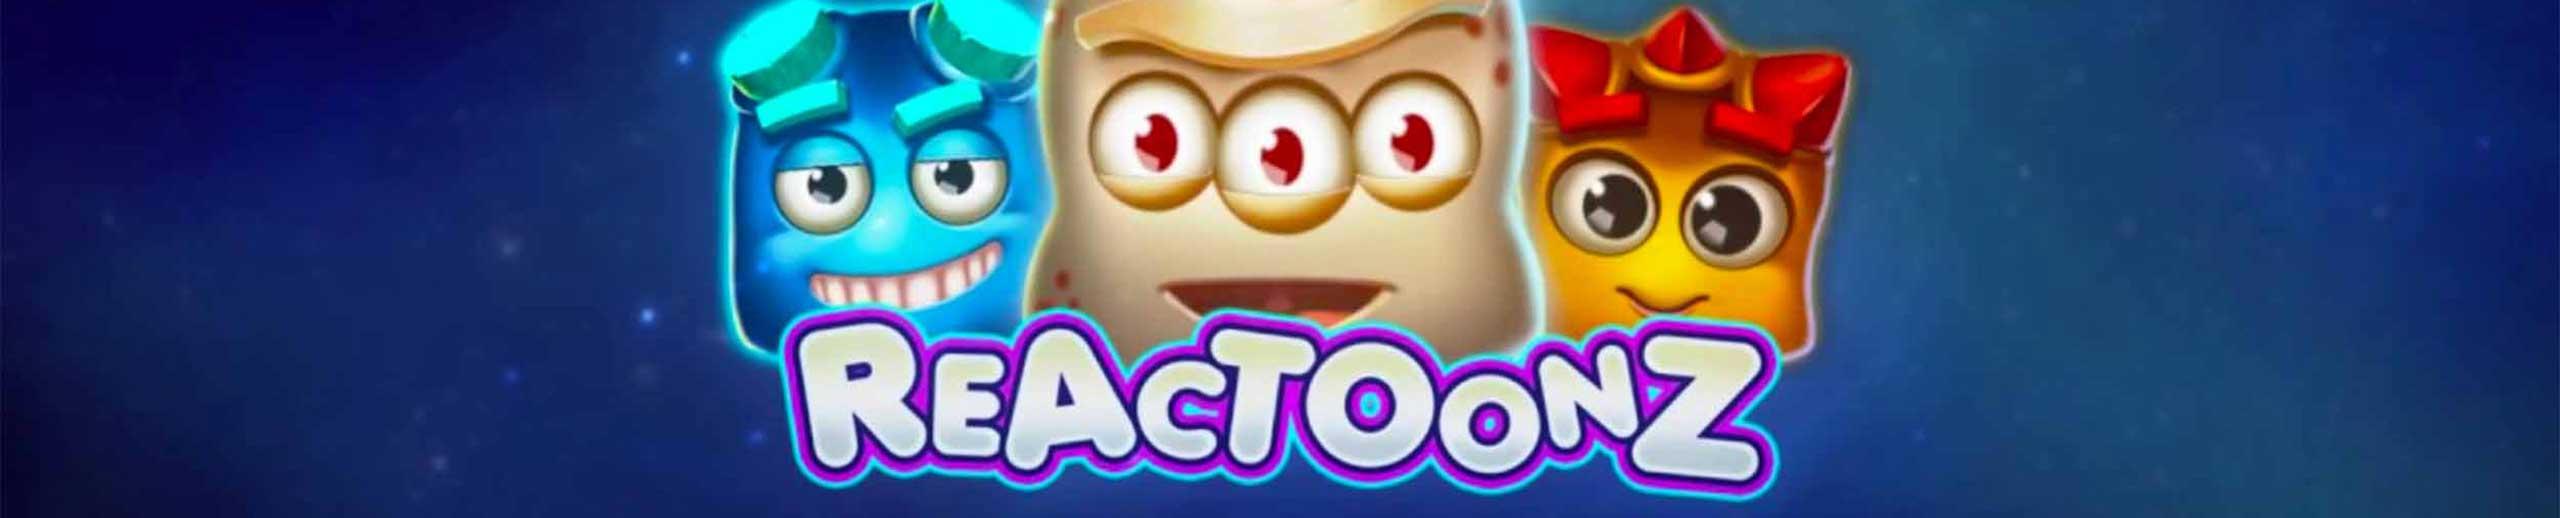 Reactoonz-Online-Slot